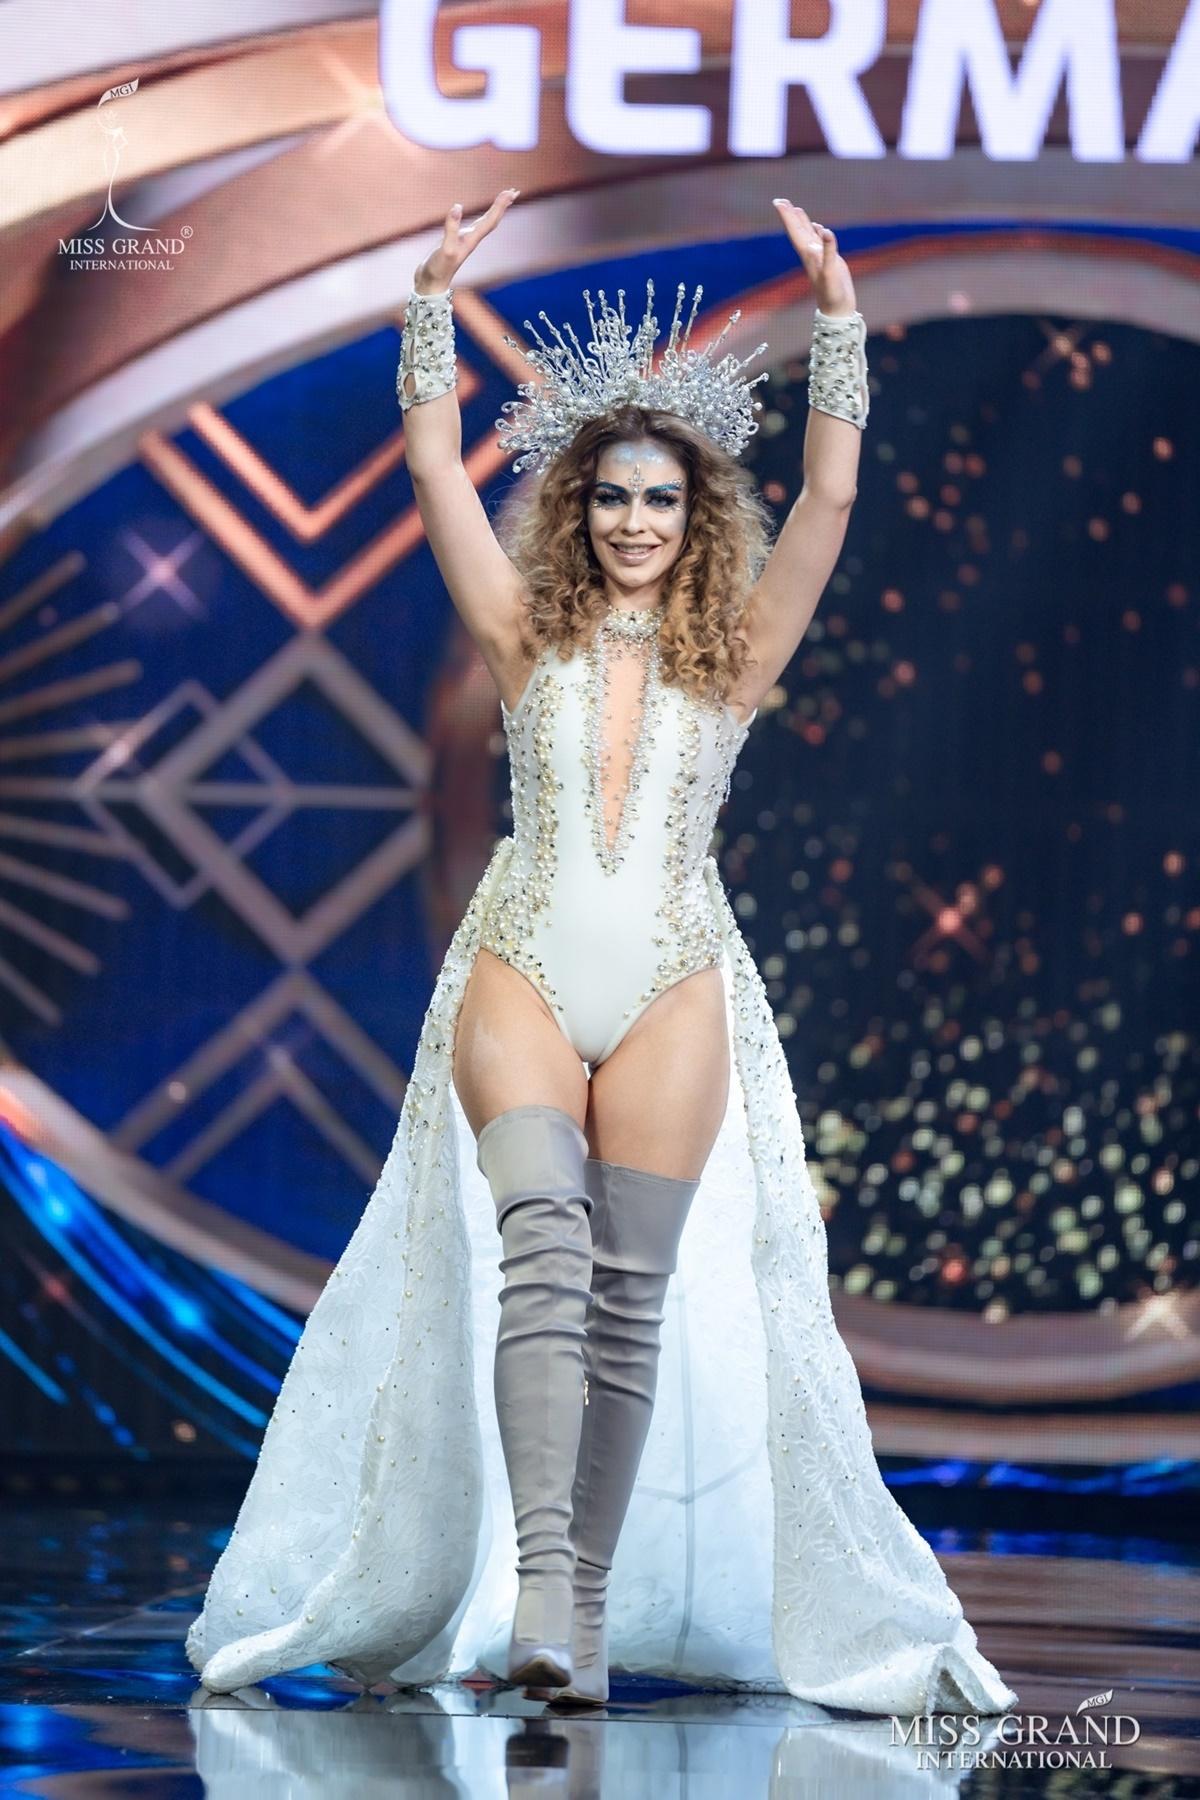 Hoa hậu Đức diện bodysuit cắt khoét tôn số đo hình thể.